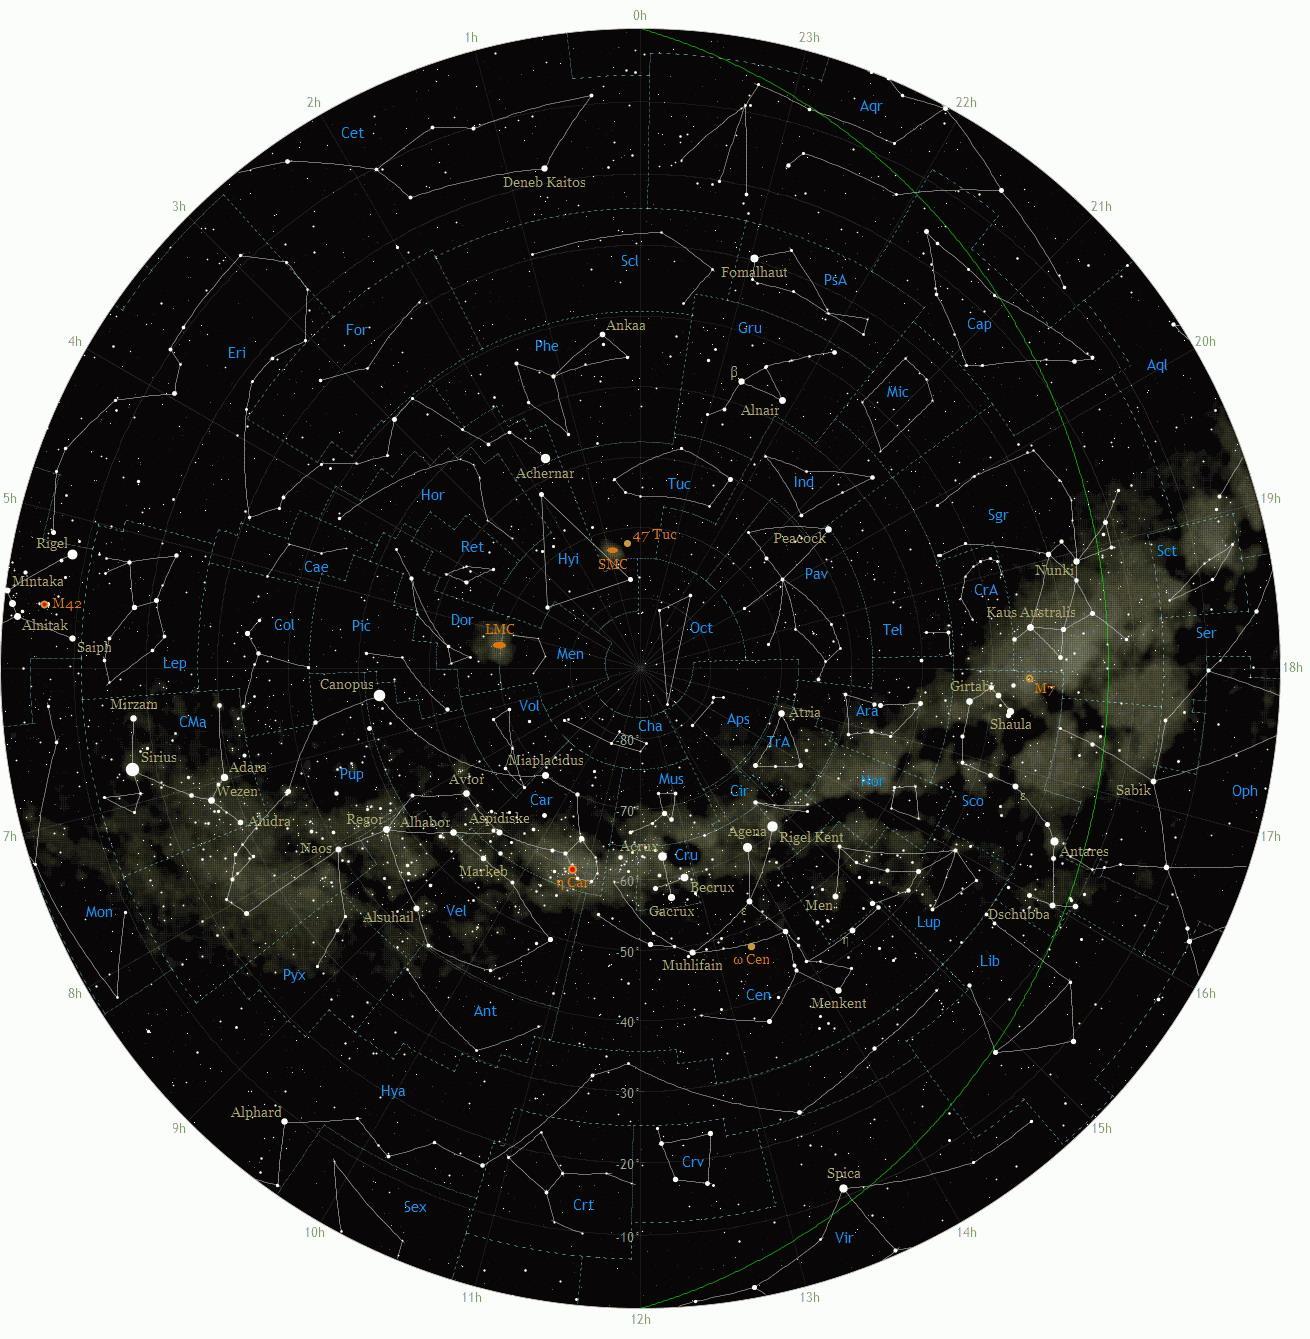 نقشه ستاره های نیمکره جنوبی